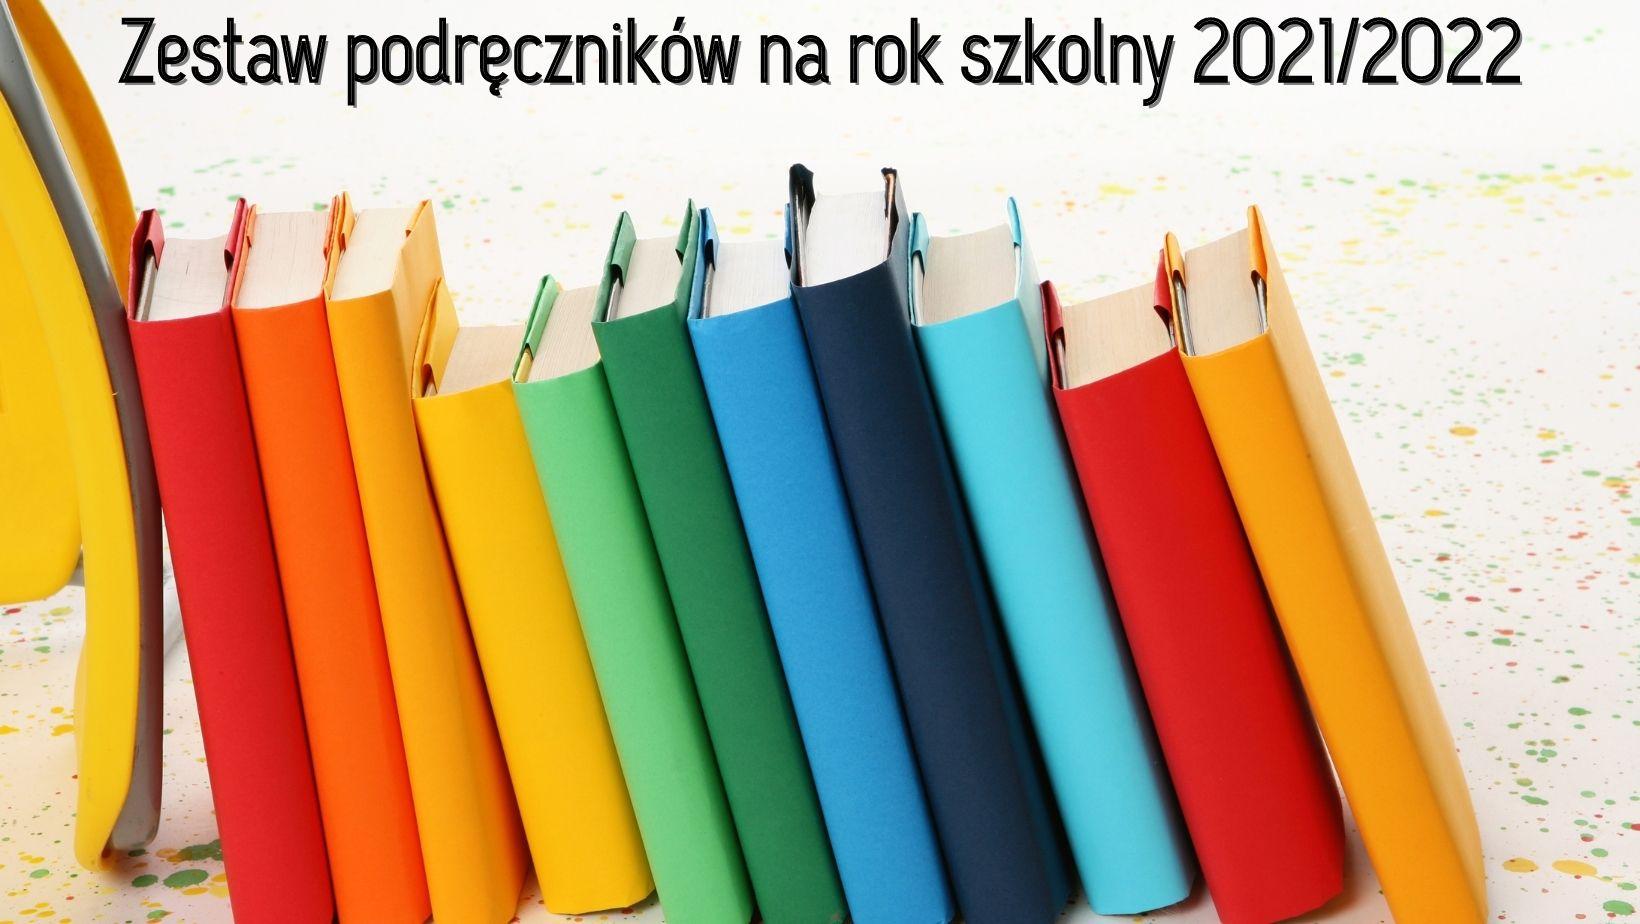 Szkolny zestaw podręczników na rok szkolny 2021/2022